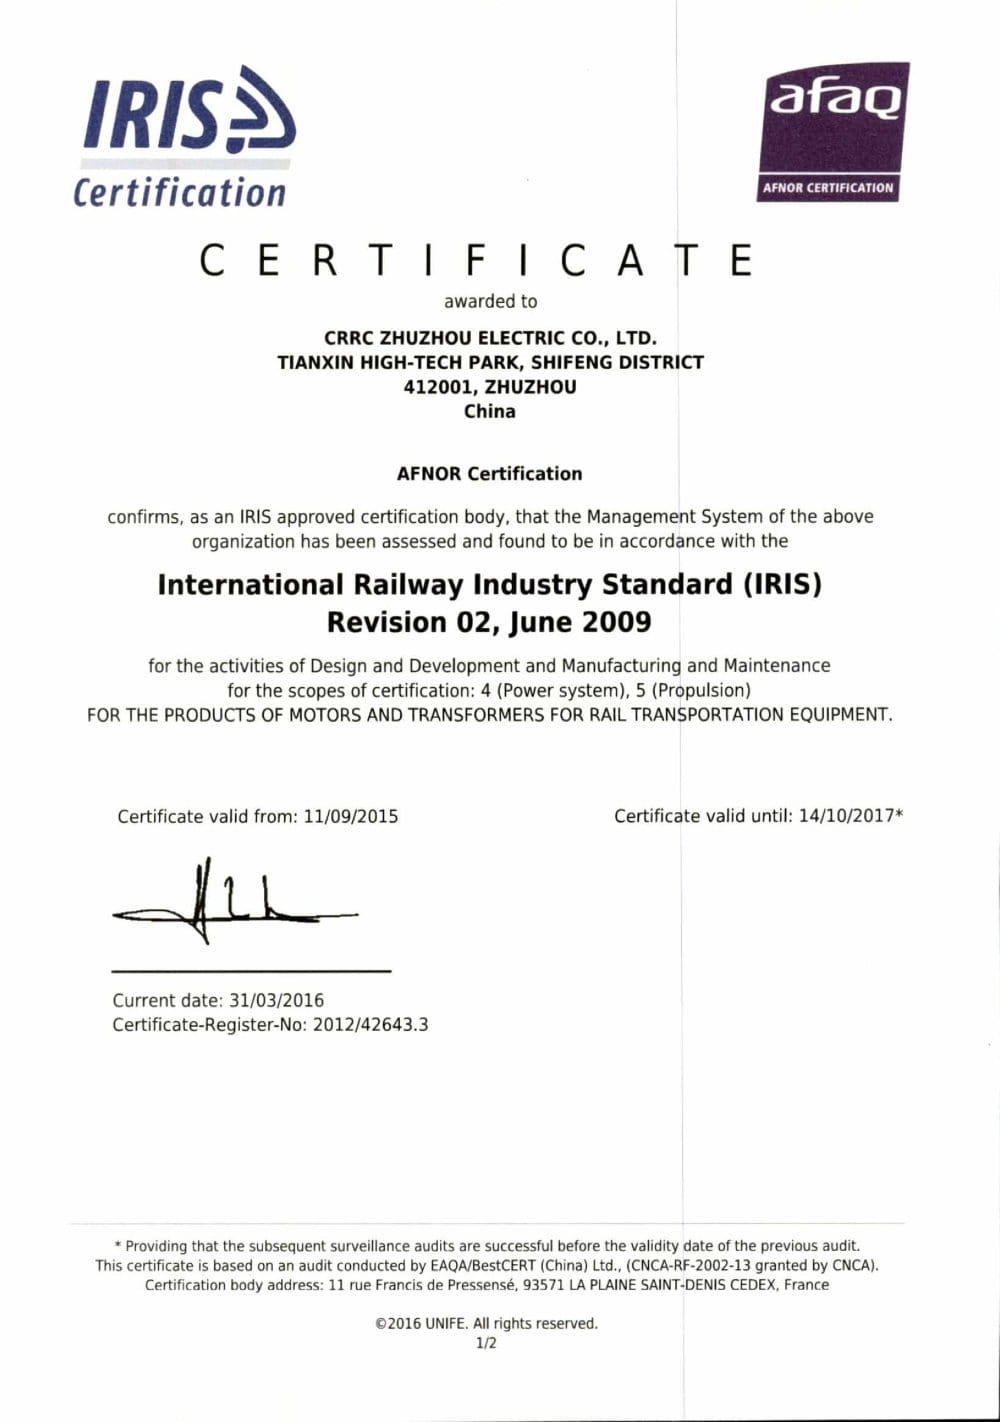 IRIS Certificate - CRRC ZHUZHOU ELECTRIC CO., LTD - PDF Catalogue ...